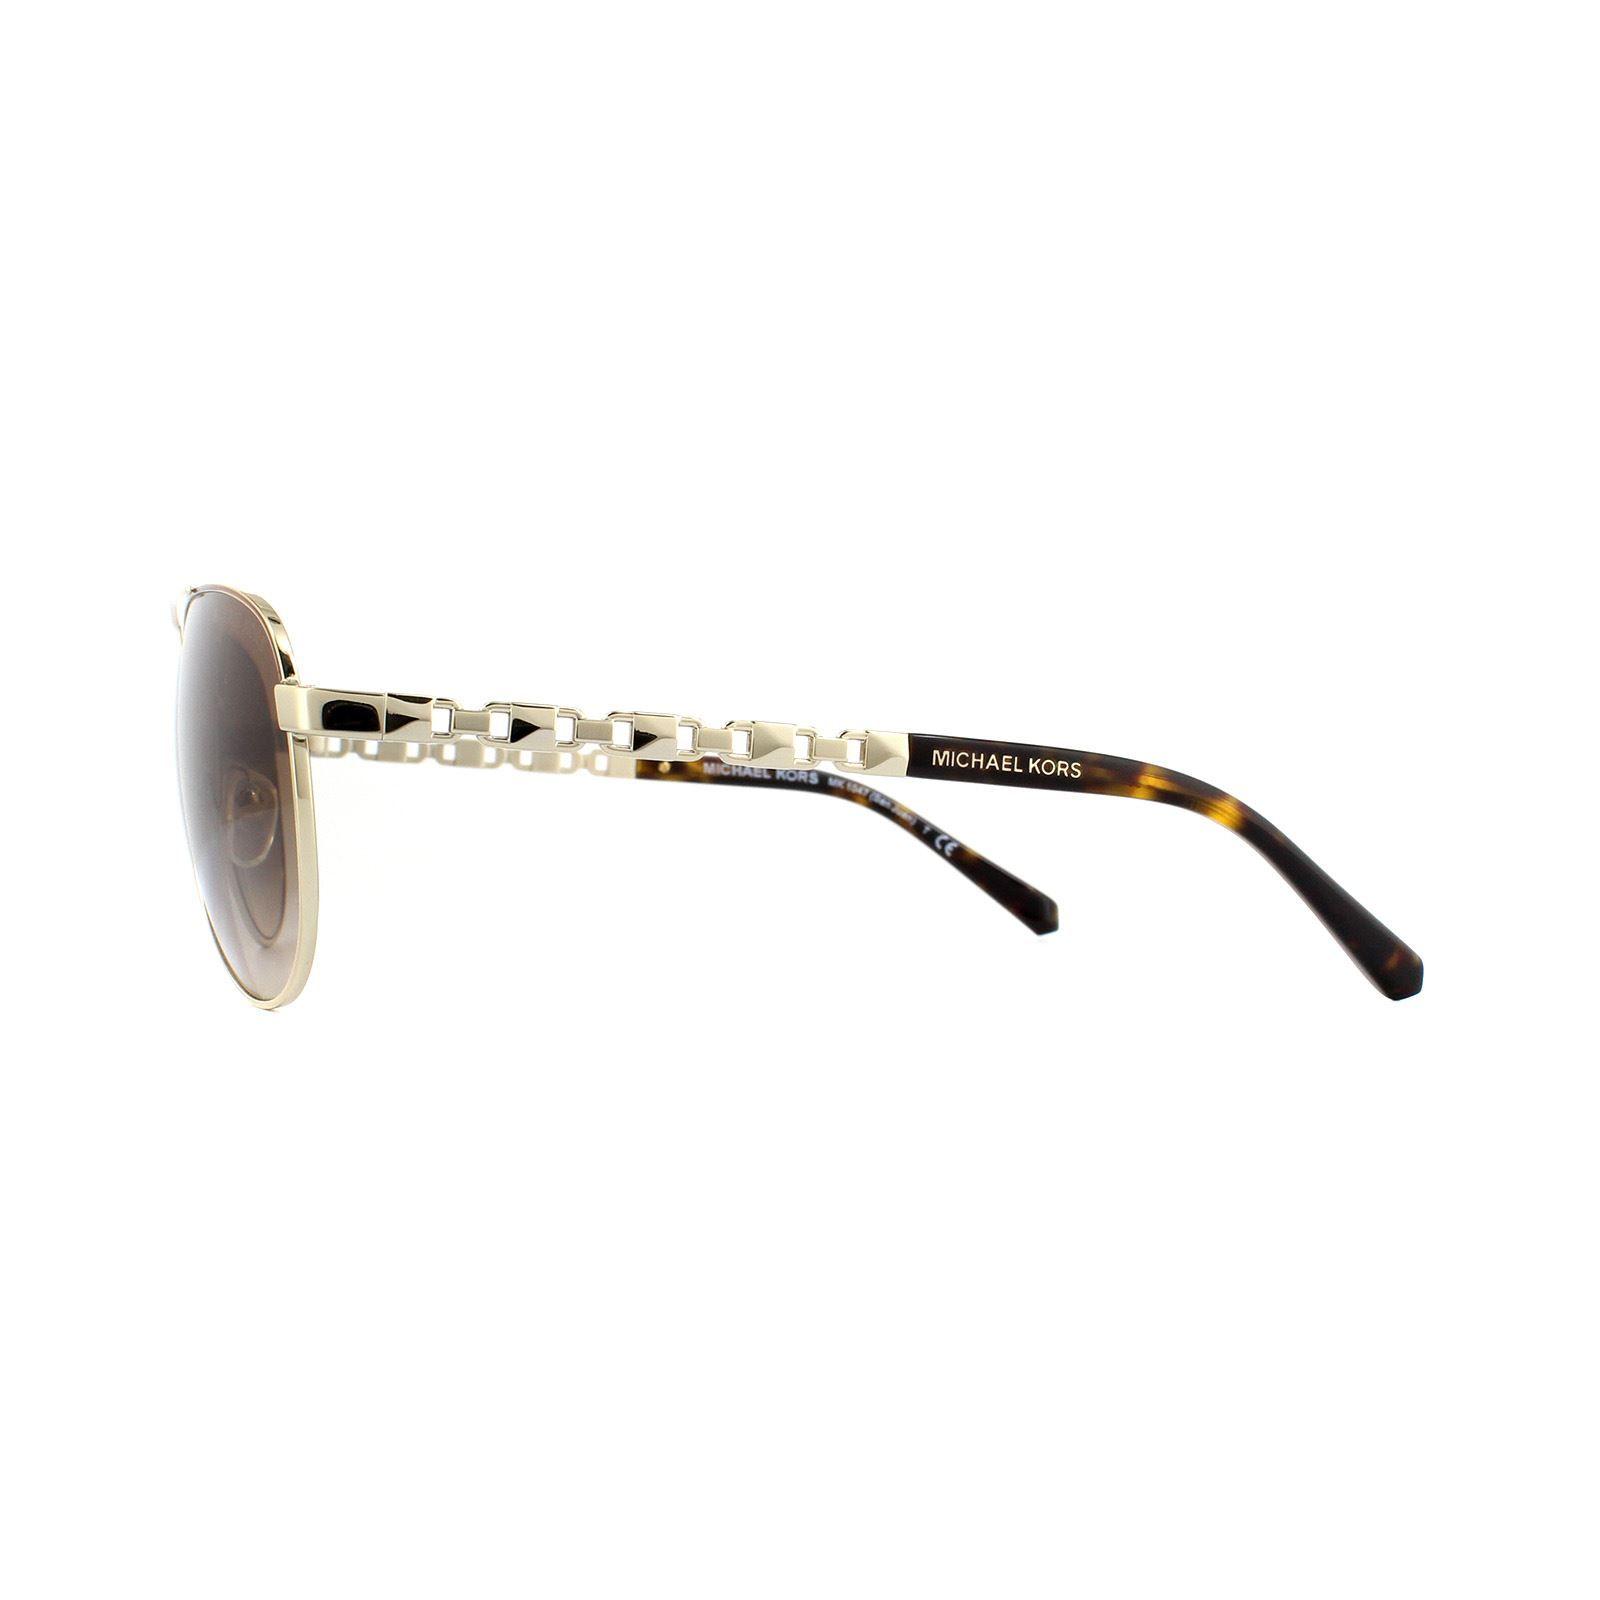 Michael Kors Sunglasses San Juan MK1047 101413 Light Gold Dark Brown Gradient